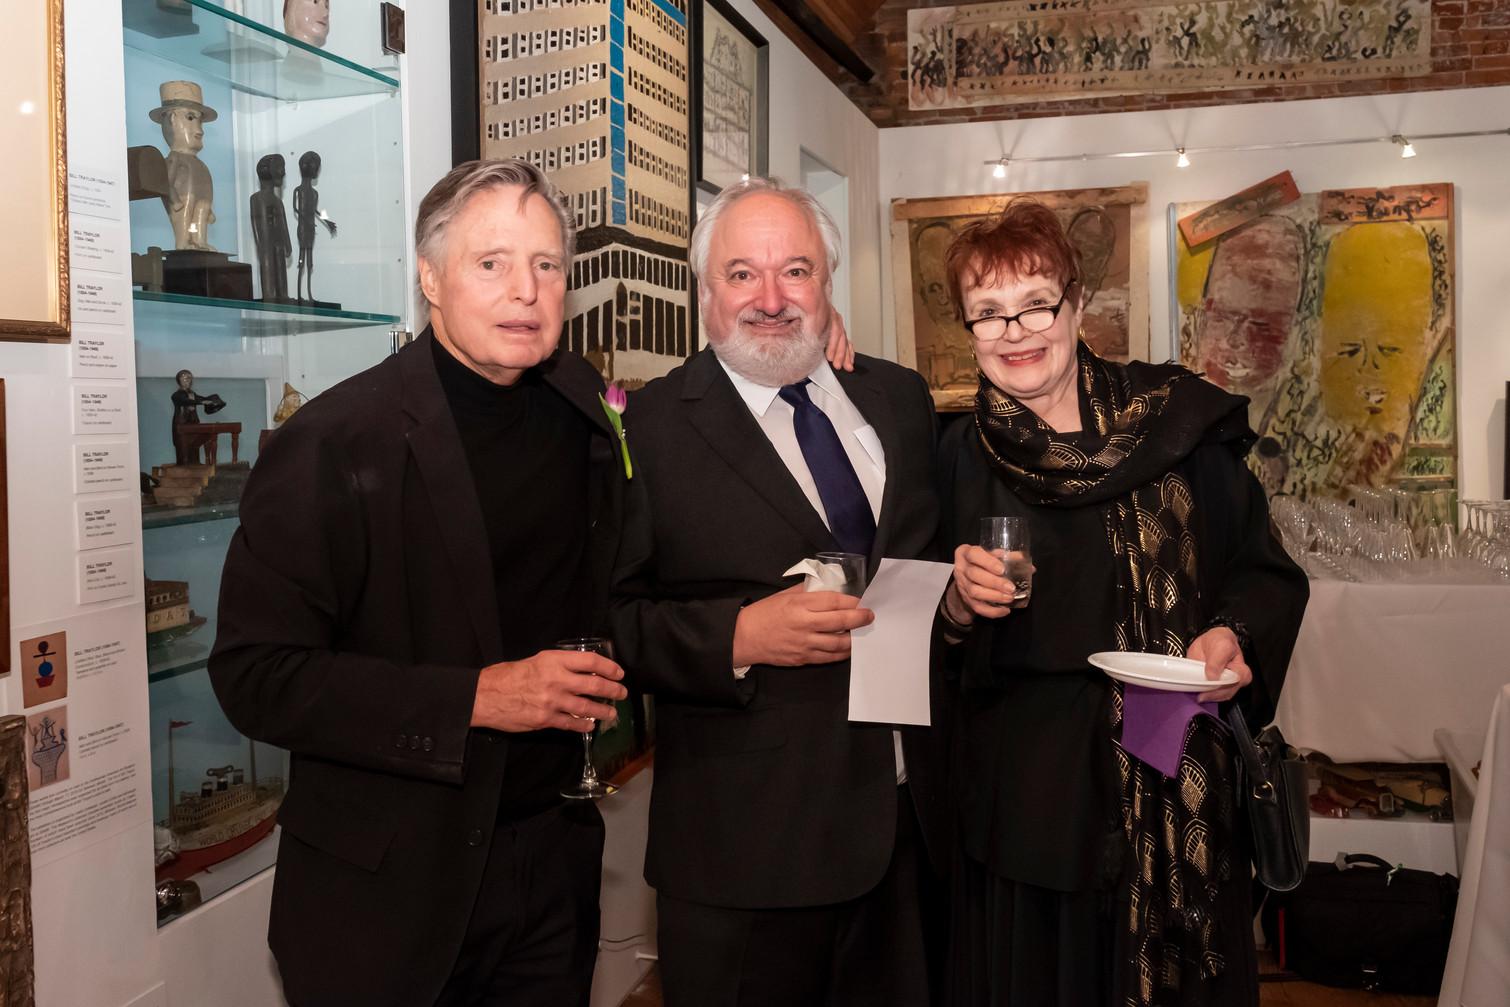 Victor Keen, Roy Steinberg, and Marlena Lustik